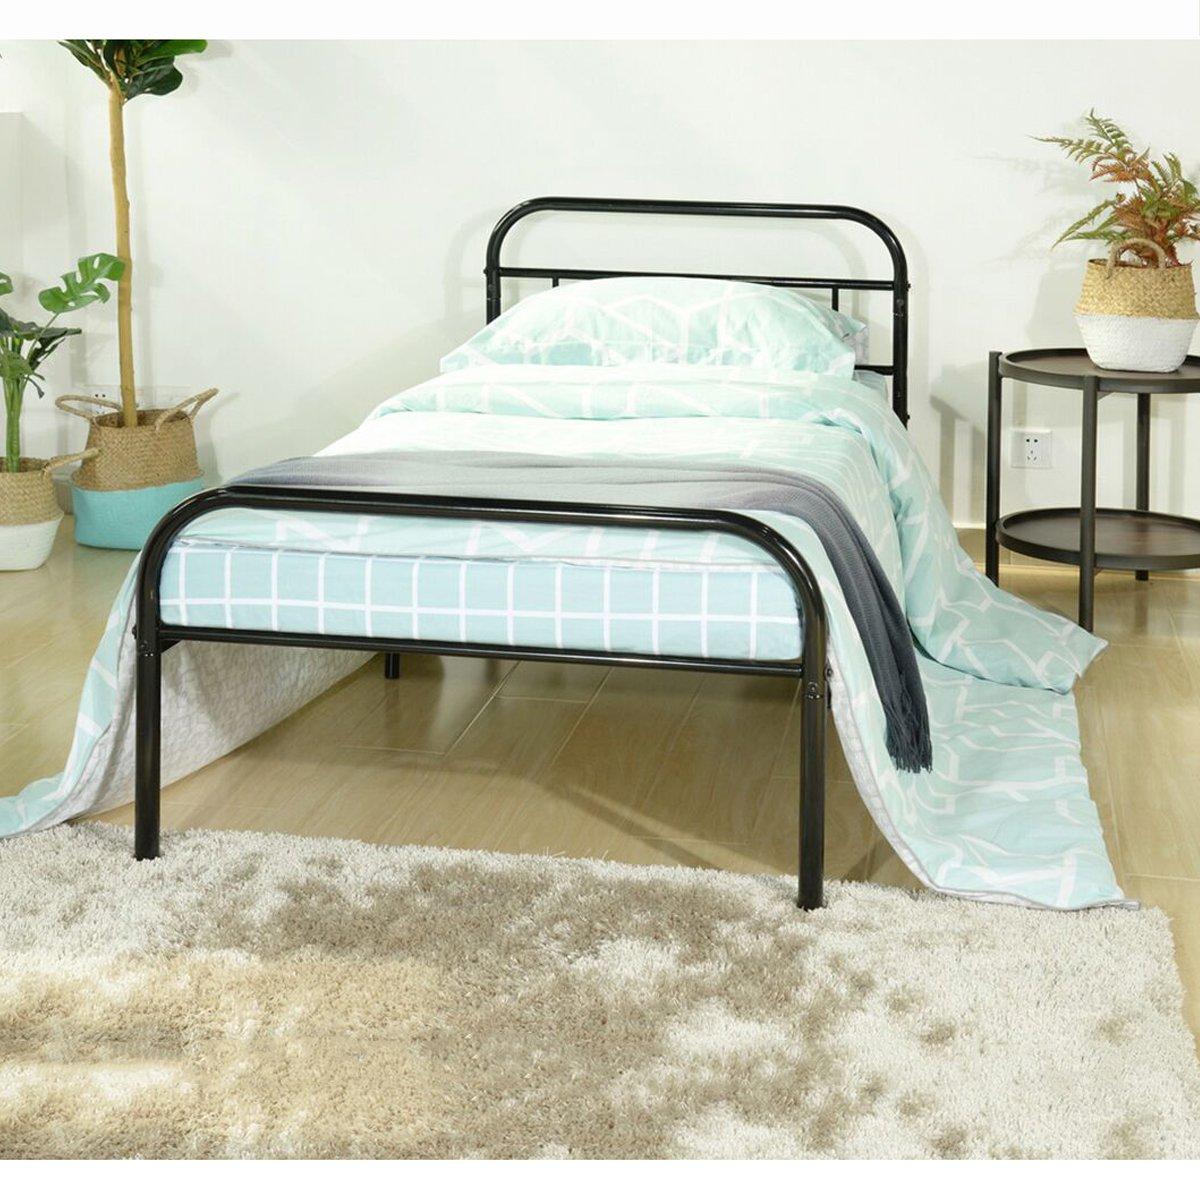 Am besten bewertete Produkte in der Kategorie Betten, Bettrahmen ...